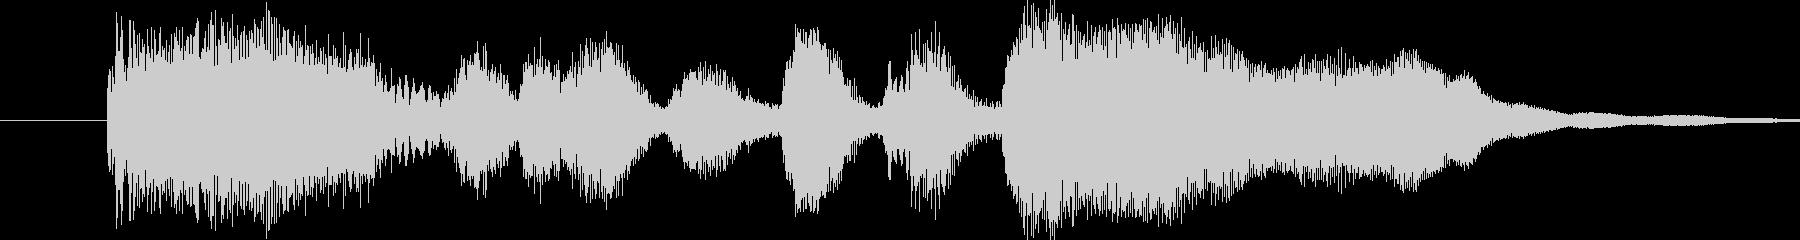 ファンファーレ シンプル ステージクリ…の未再生の波形